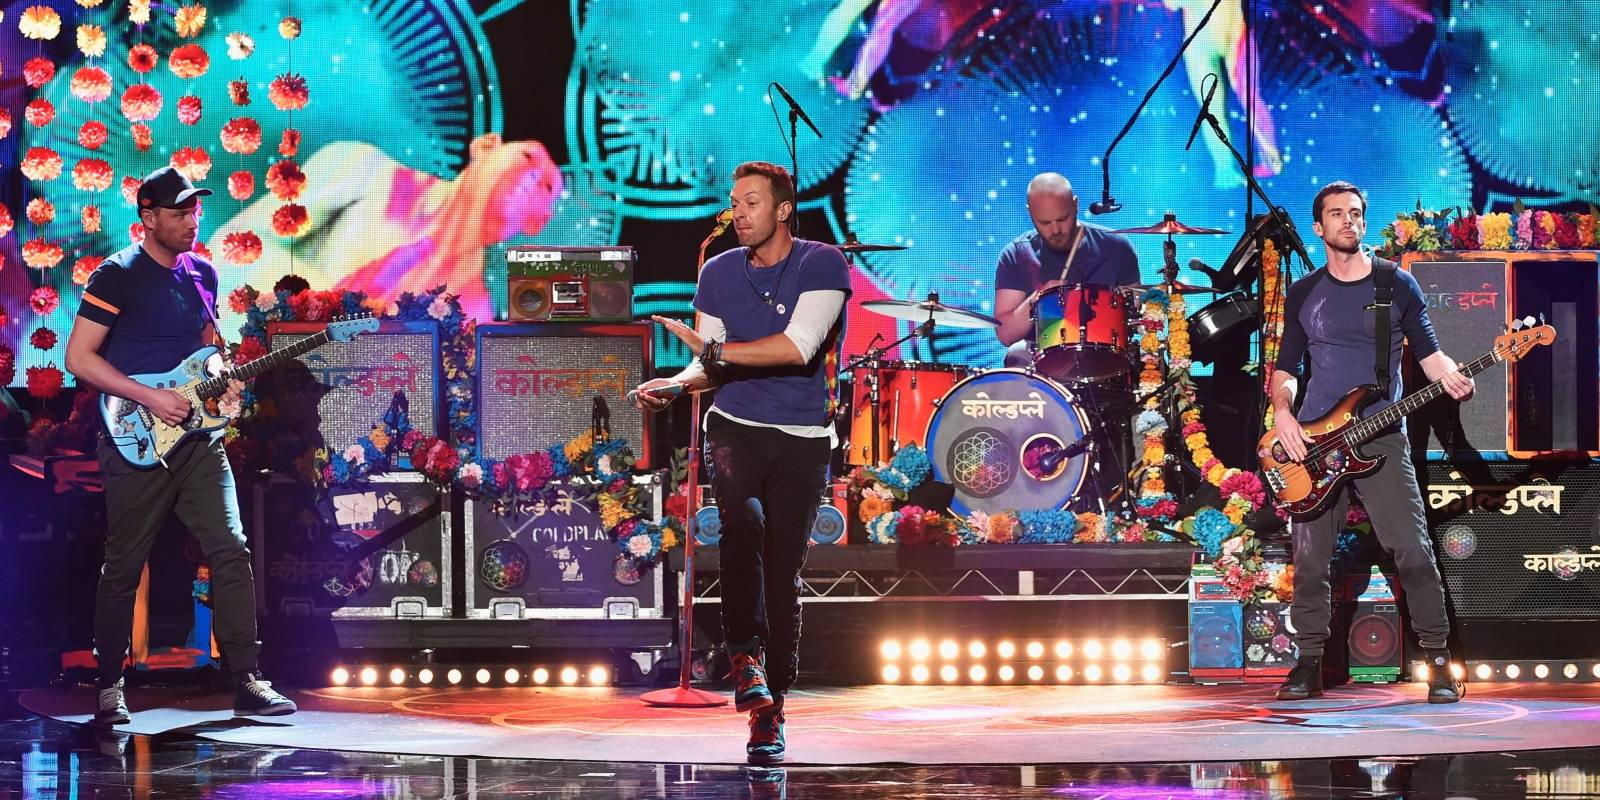 HITPARÁDY (33.): Super Bowl vystřelil Coldplay na vrchol britského žebříčku